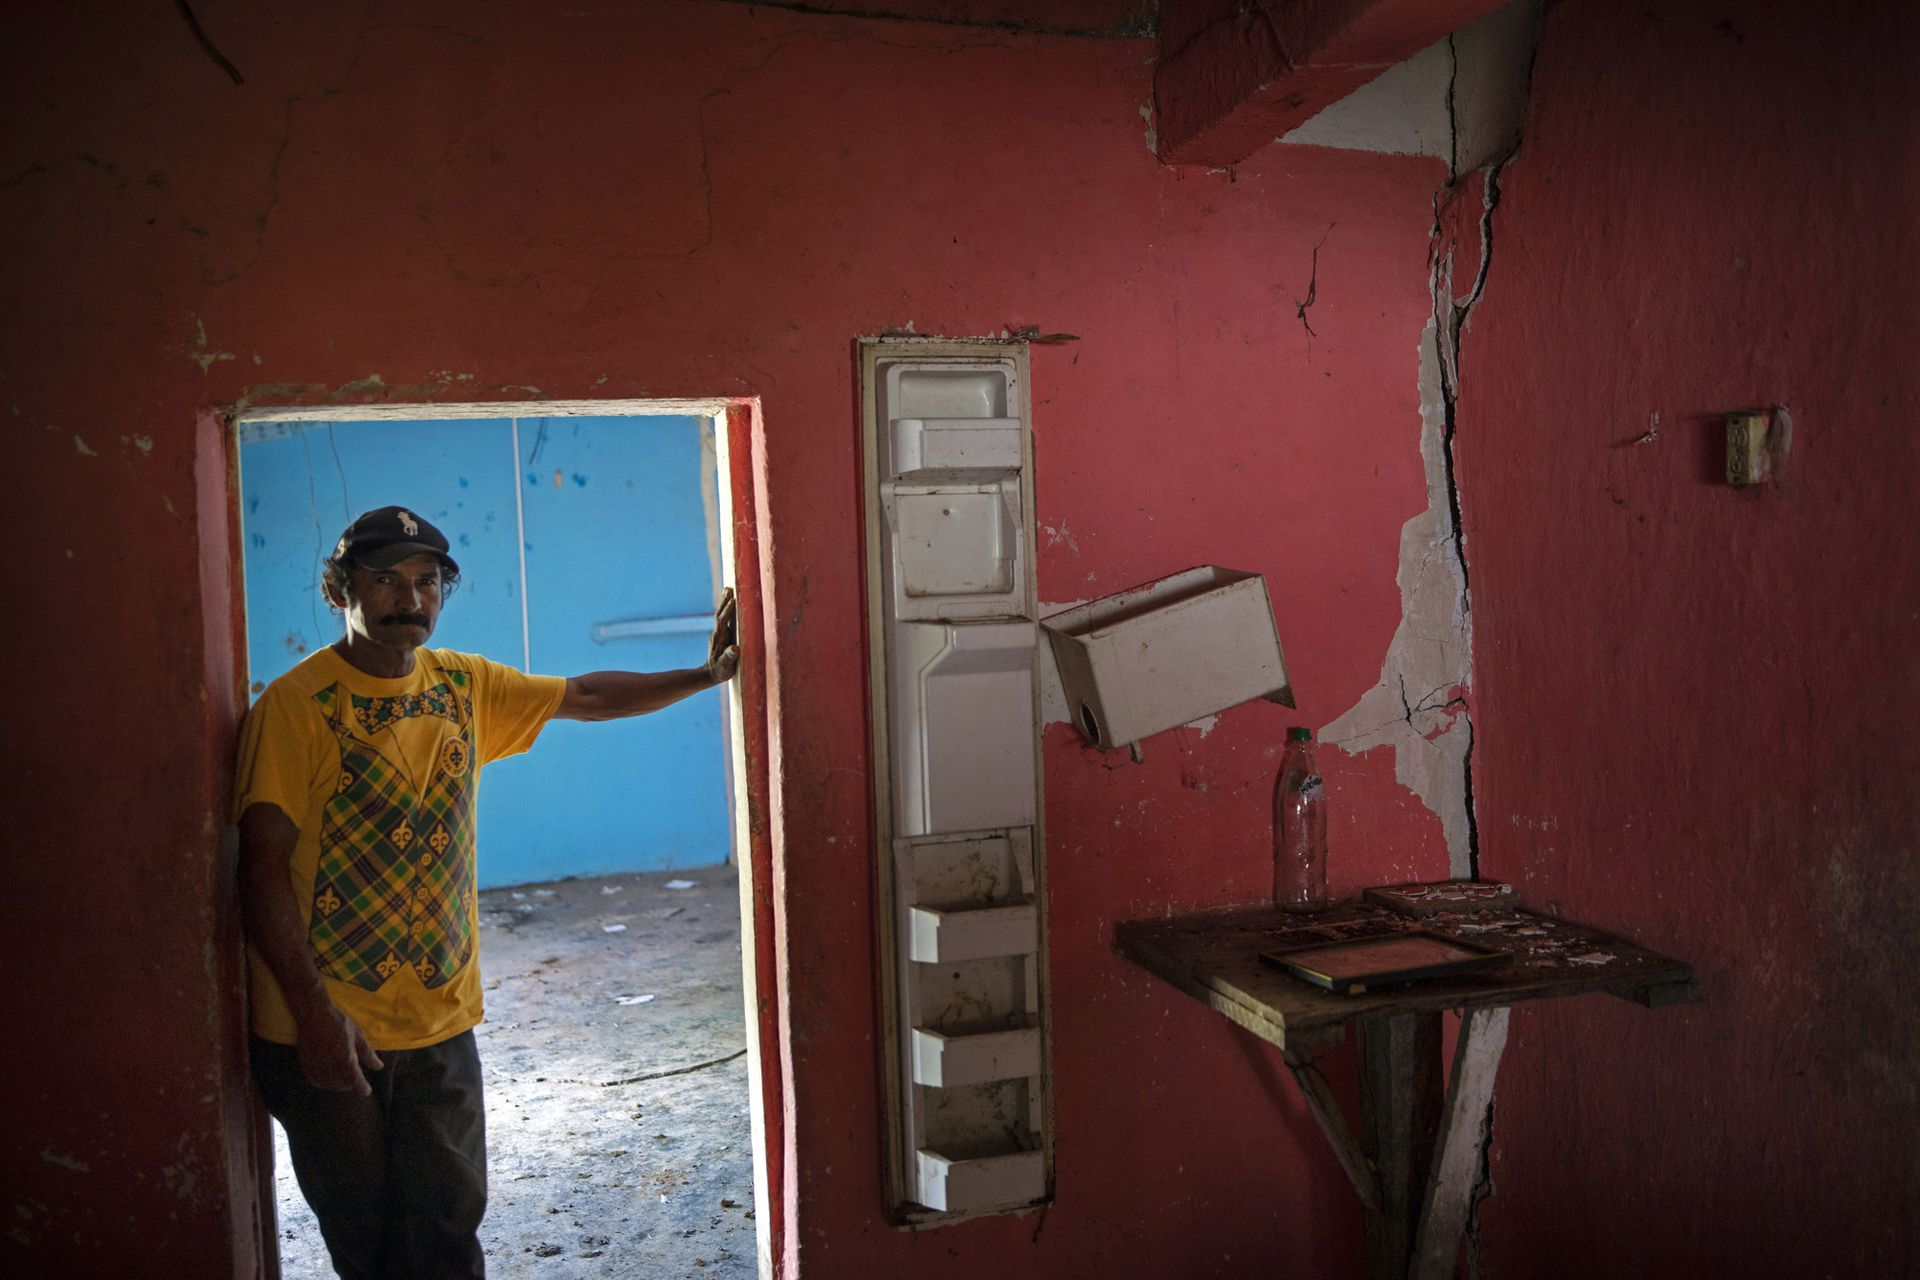 """Orlando Perdomo, de 56 años, en su casa dañada por un deslizamiento de tierra provocado por los huracanes Eta e Iota, en el pueblo de La Reina, Honduras. """"Cuando se abrieron las primeras grietas en la tierra después del Huracán Mitch en 1998, mi padre dijo que no viviría para verlo, pero que veríamos desaparecer el pueblo, y que el futuro traería la muerte"""", recuerda Perdomo"""